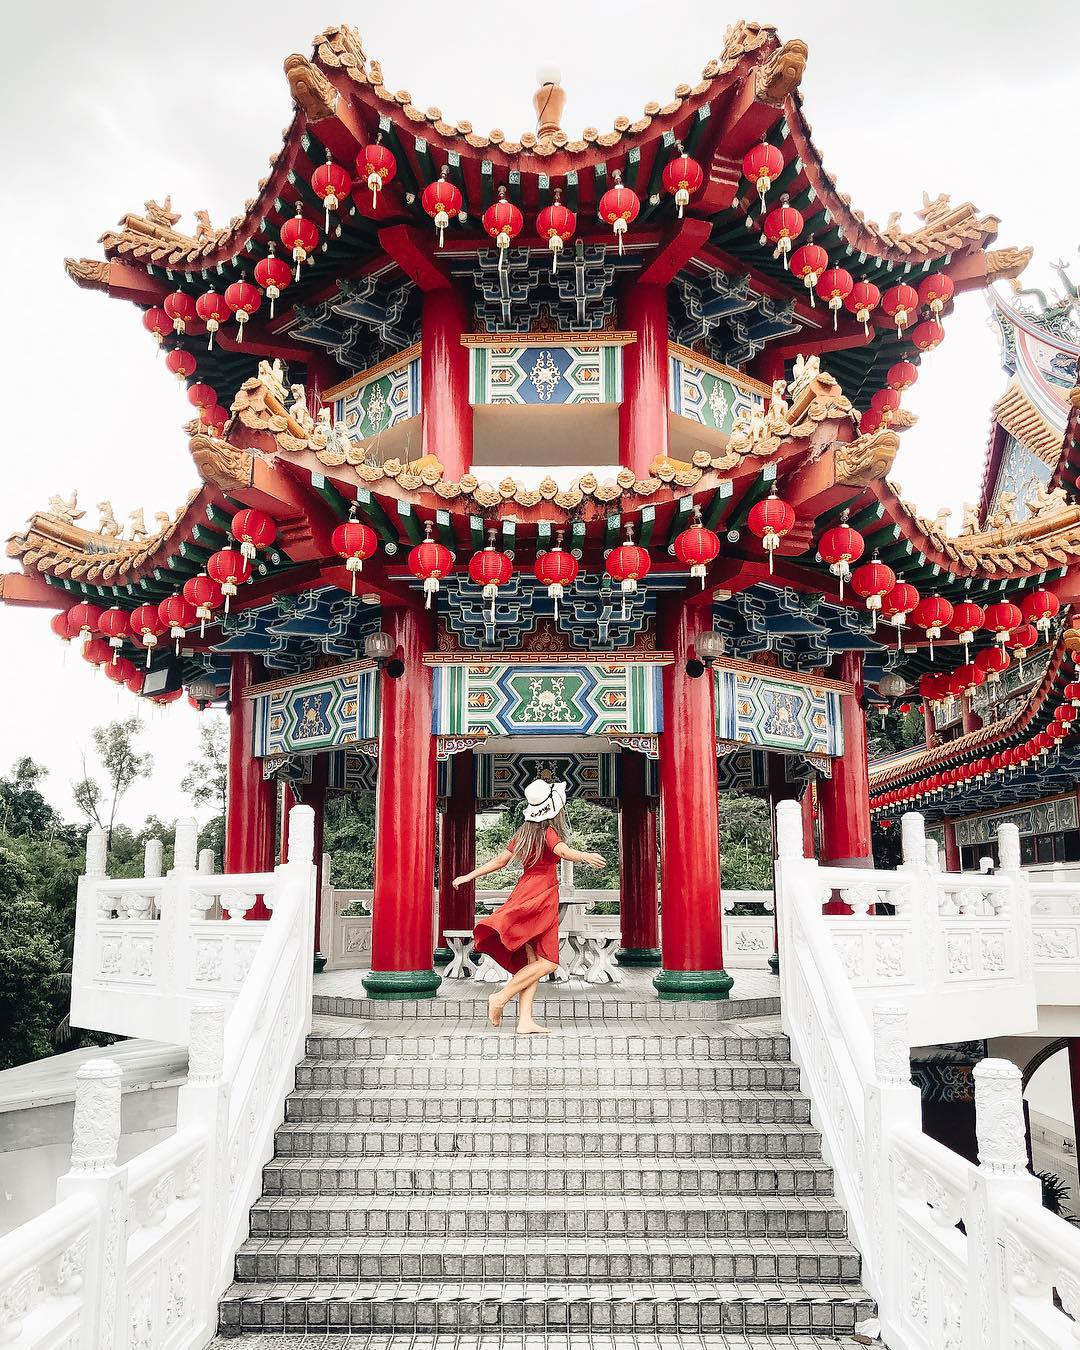 Phát hiện triệu góc check-in thần thánh ở ngôi chùa đèn lồng hot nhất Kuala Lumpur - Ảnh 15.